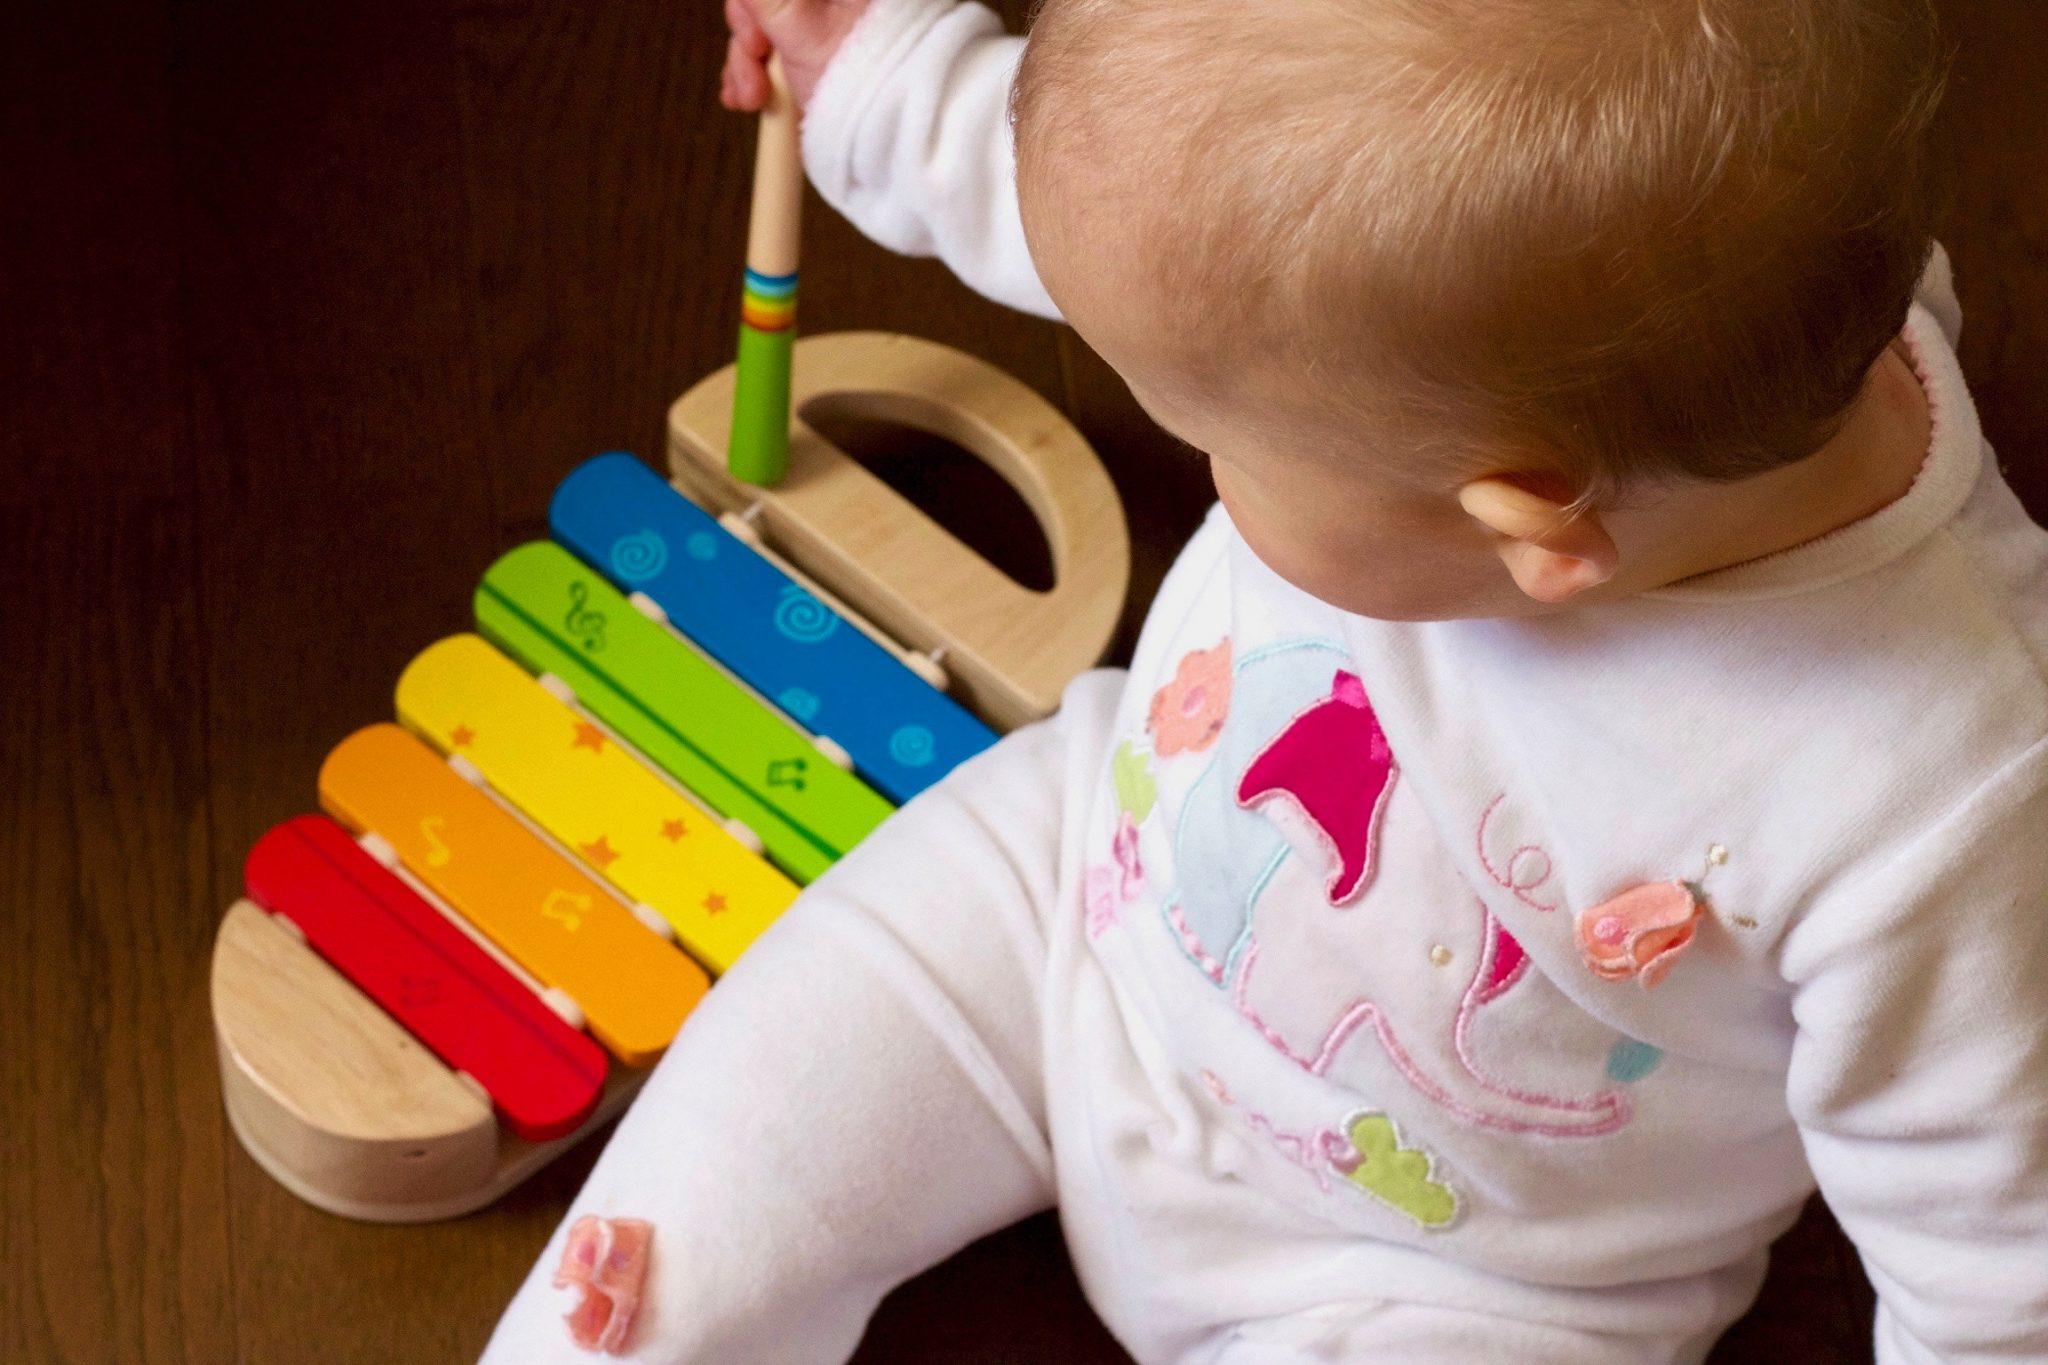 cele mai sigure jucării pentru bebeluși